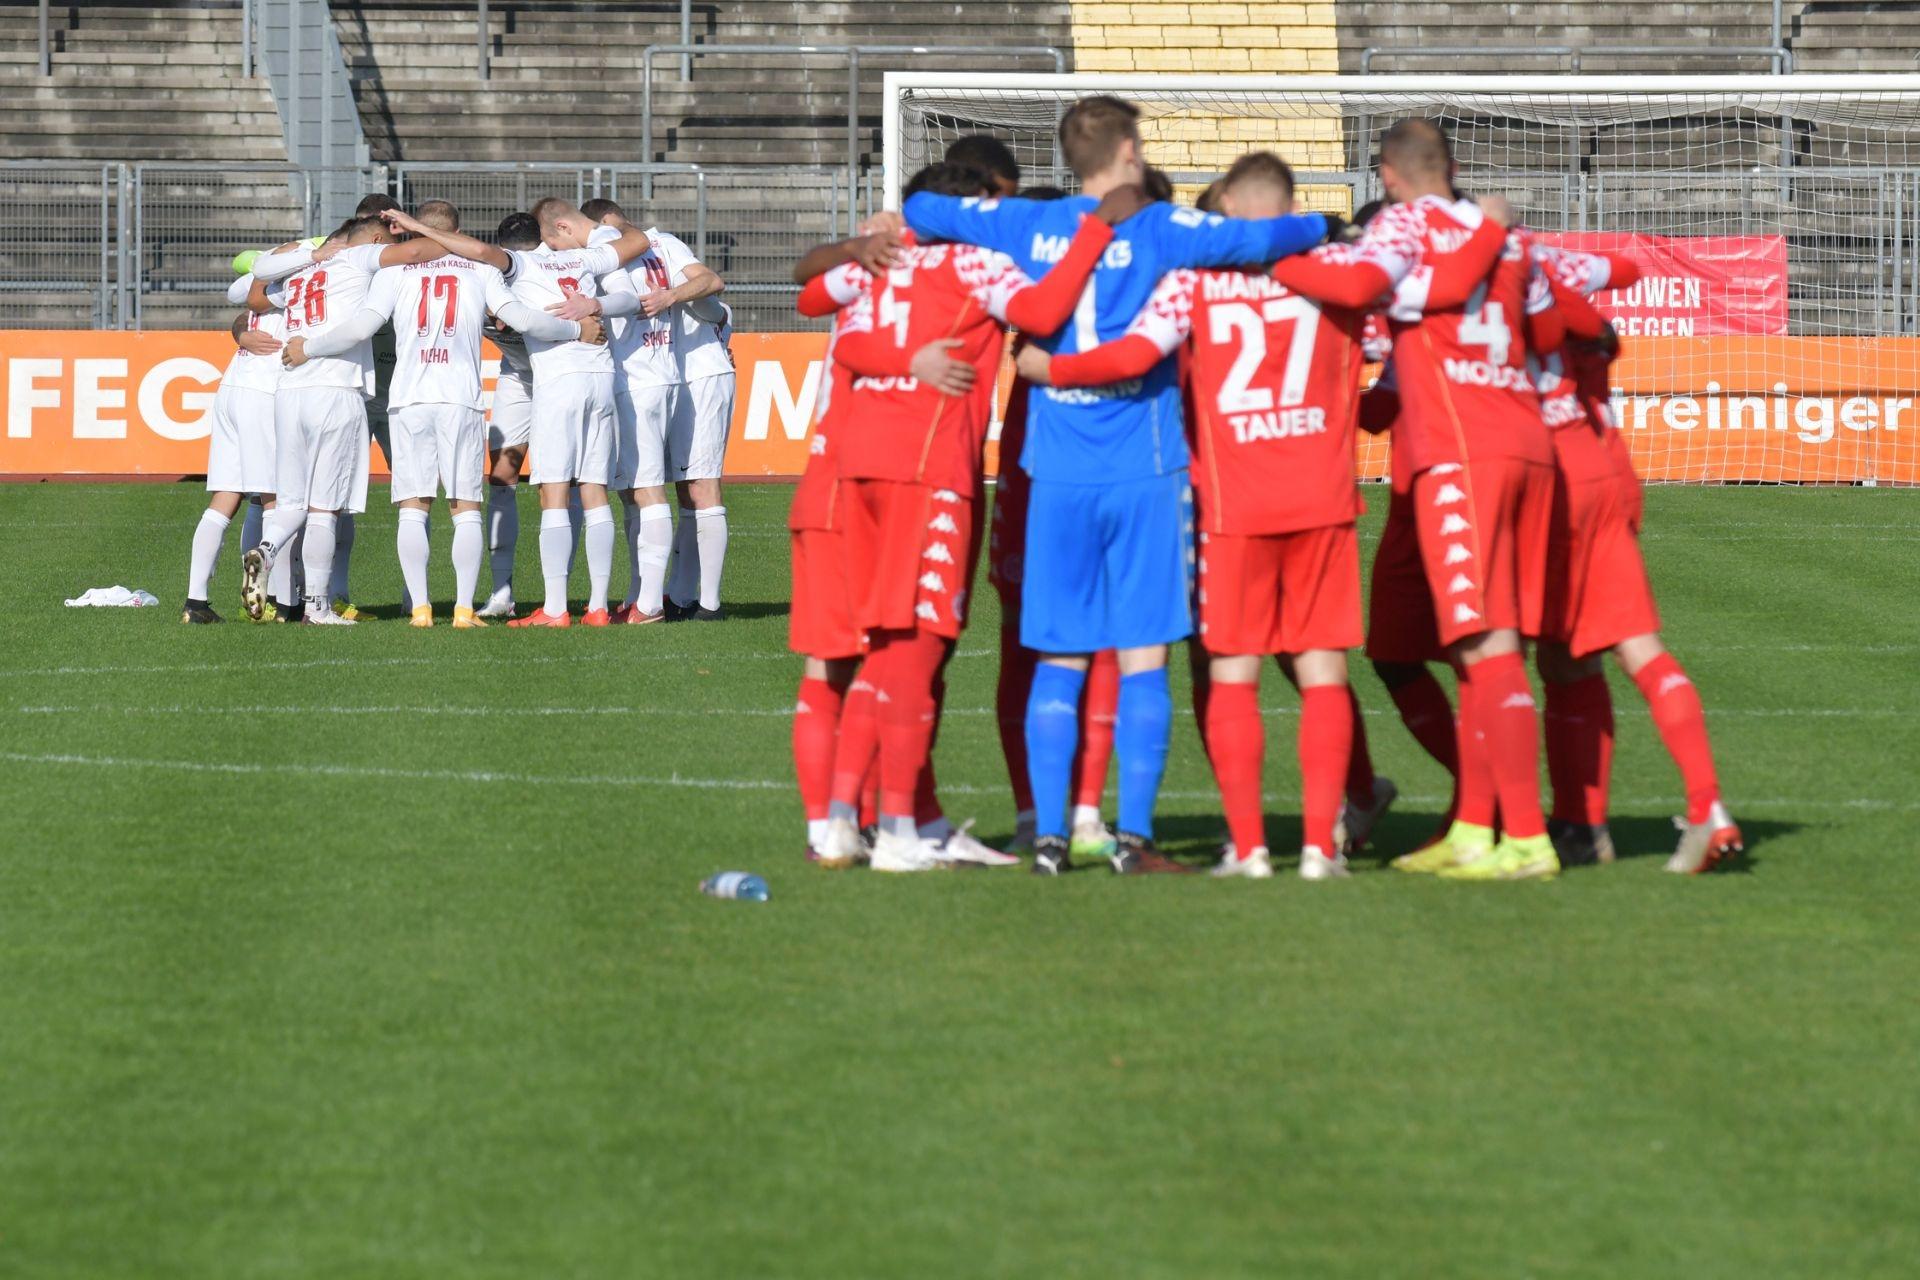 Regionalliga S�dwest 2020/21, KSV Hessen Kassel, 1. FSV Mainz 05 II, Endstand 2:1, Mannschaft vor dem Spiel